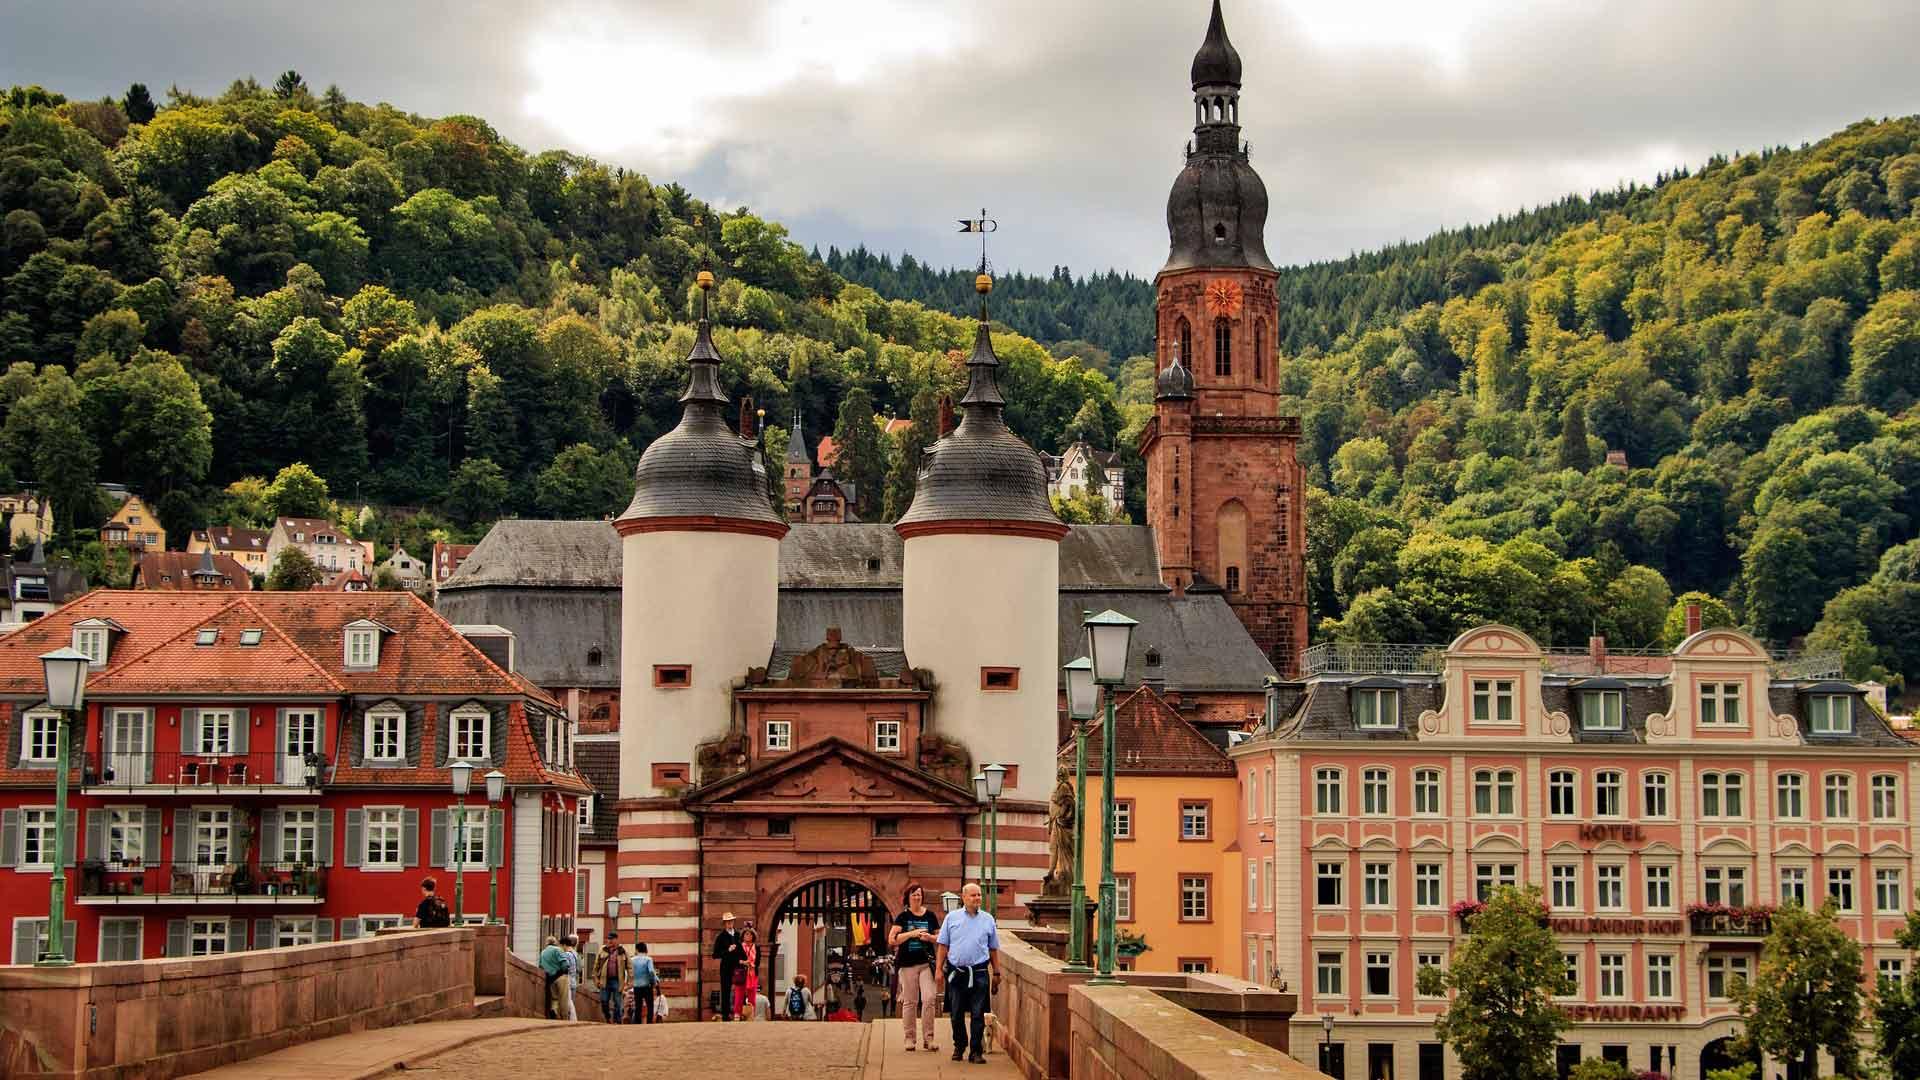 De beroemde zandstenen brug over de Neckar in Heidelberg.